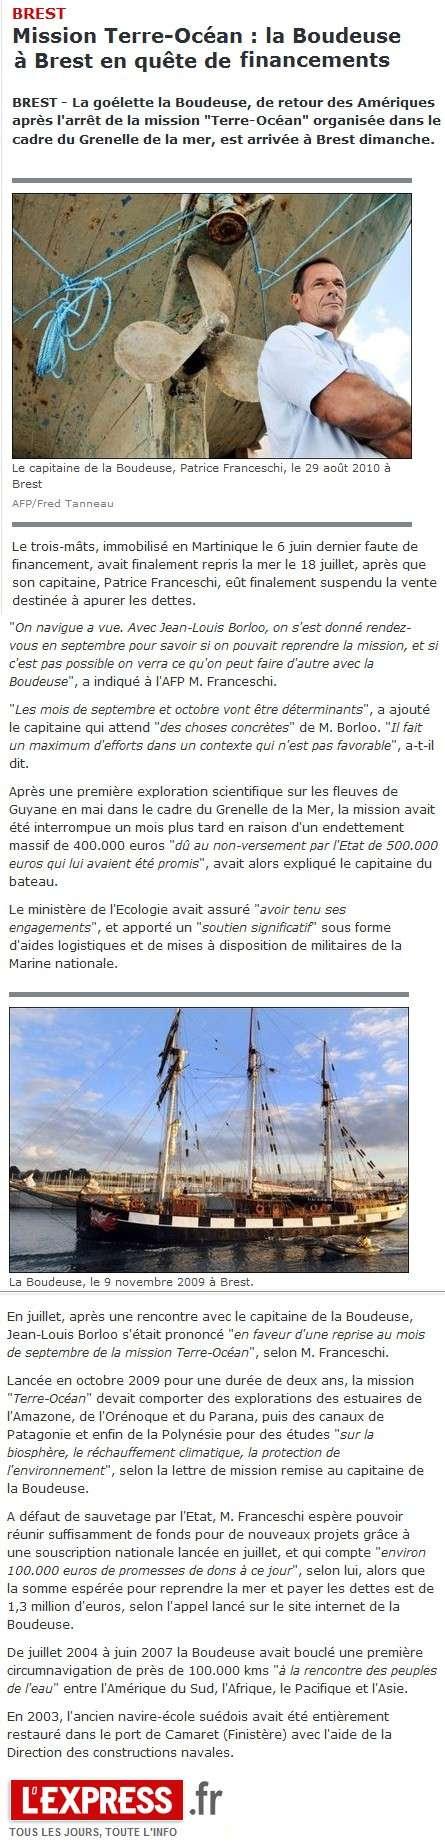 [LA BOUDEUSE] 01/06/10 - Arrêt de la mission Terre-Océan Laboud10